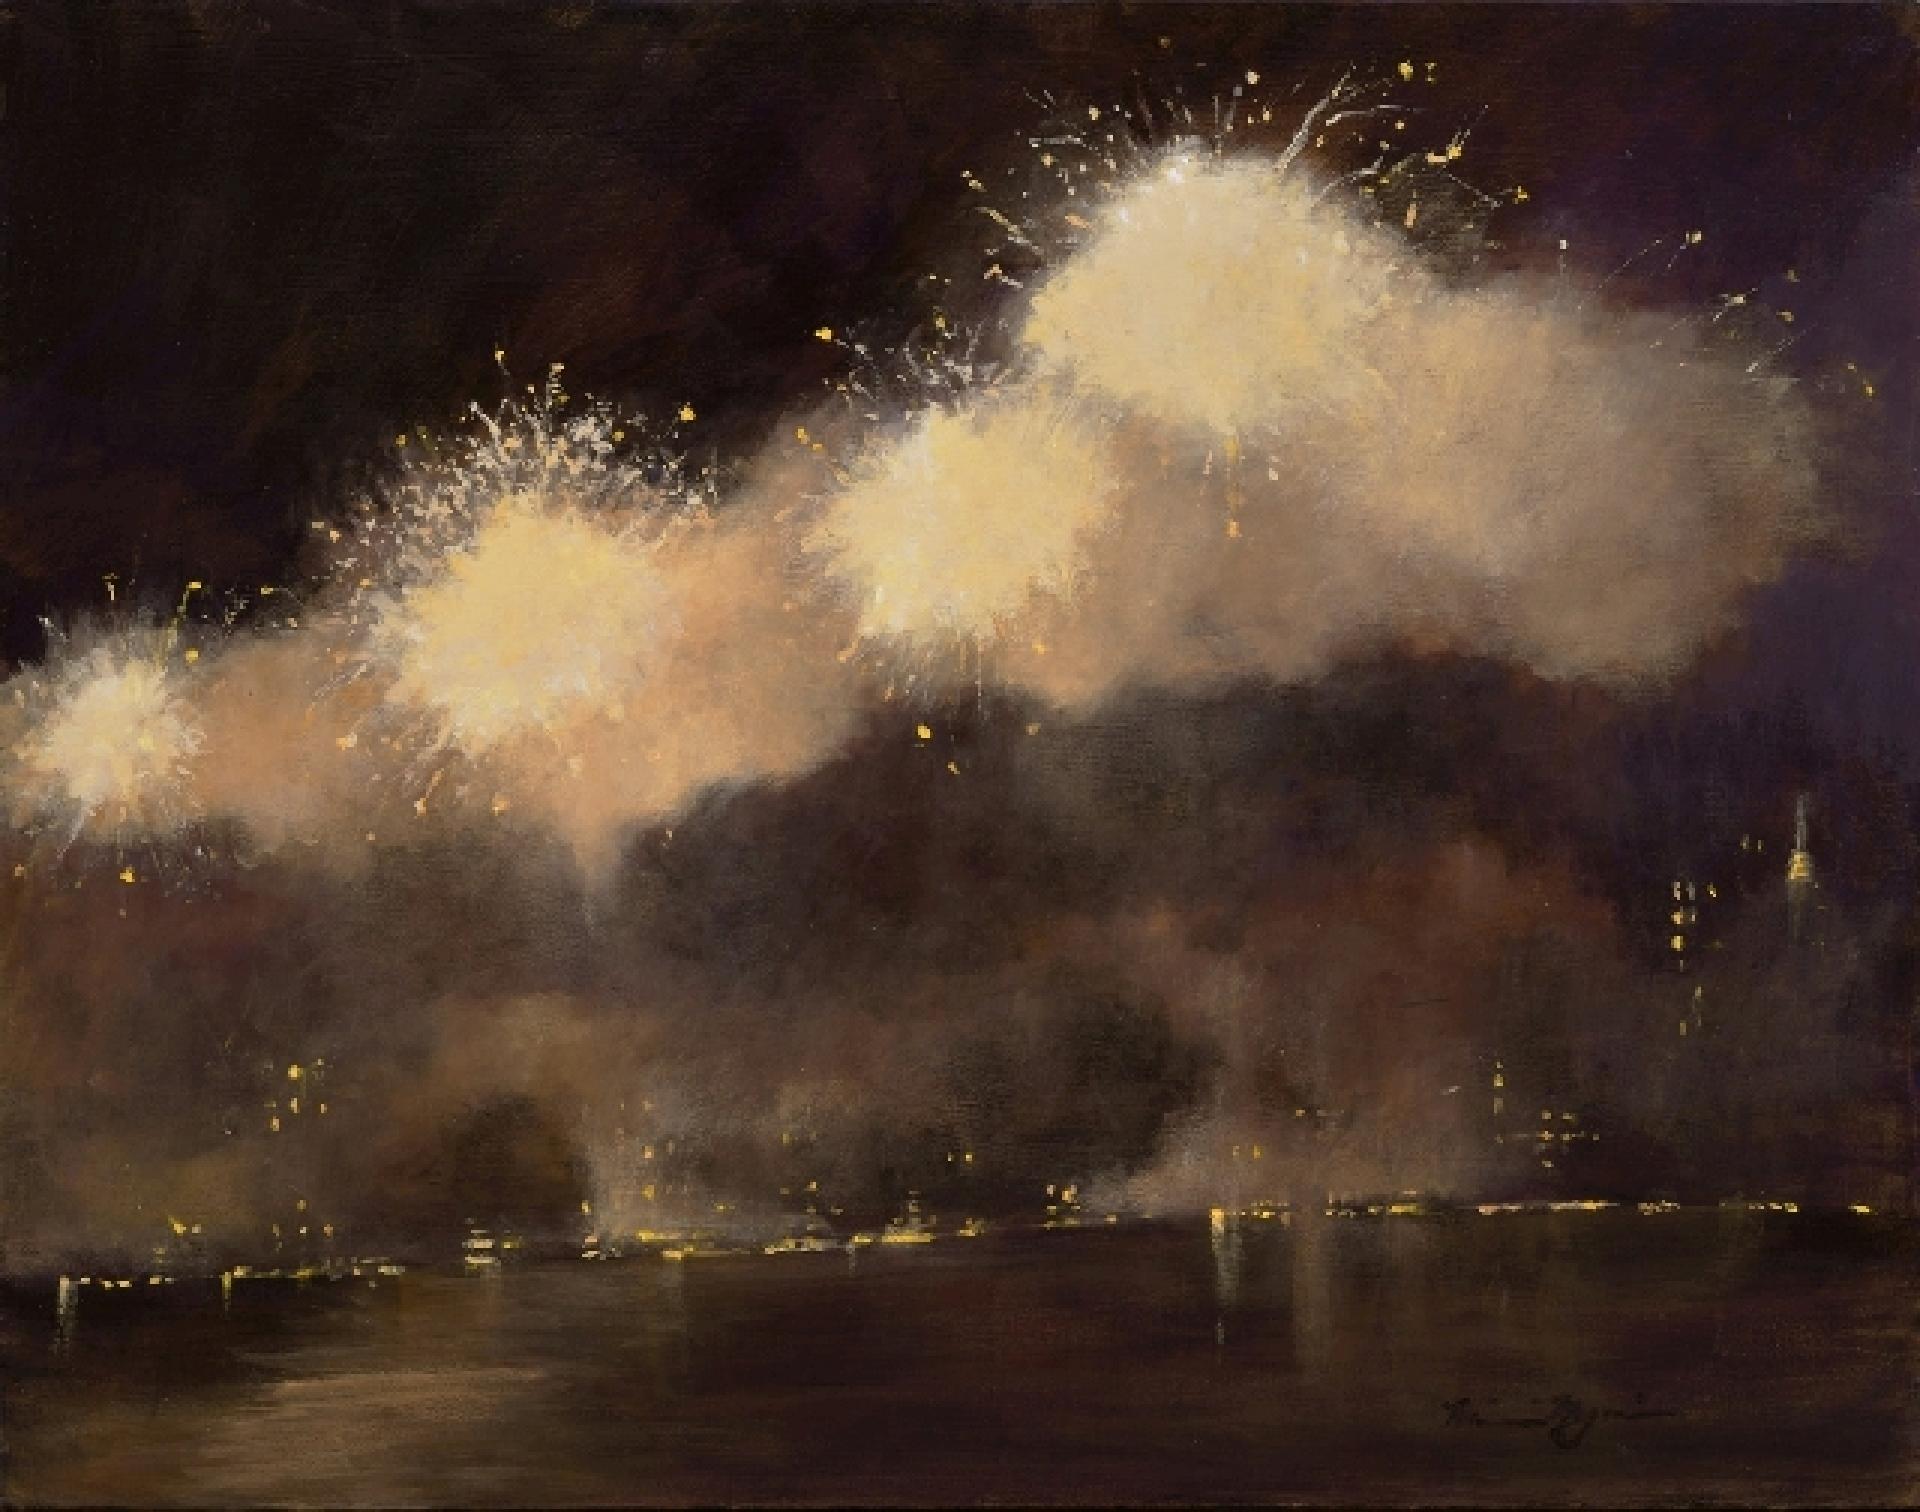 NY Celebration